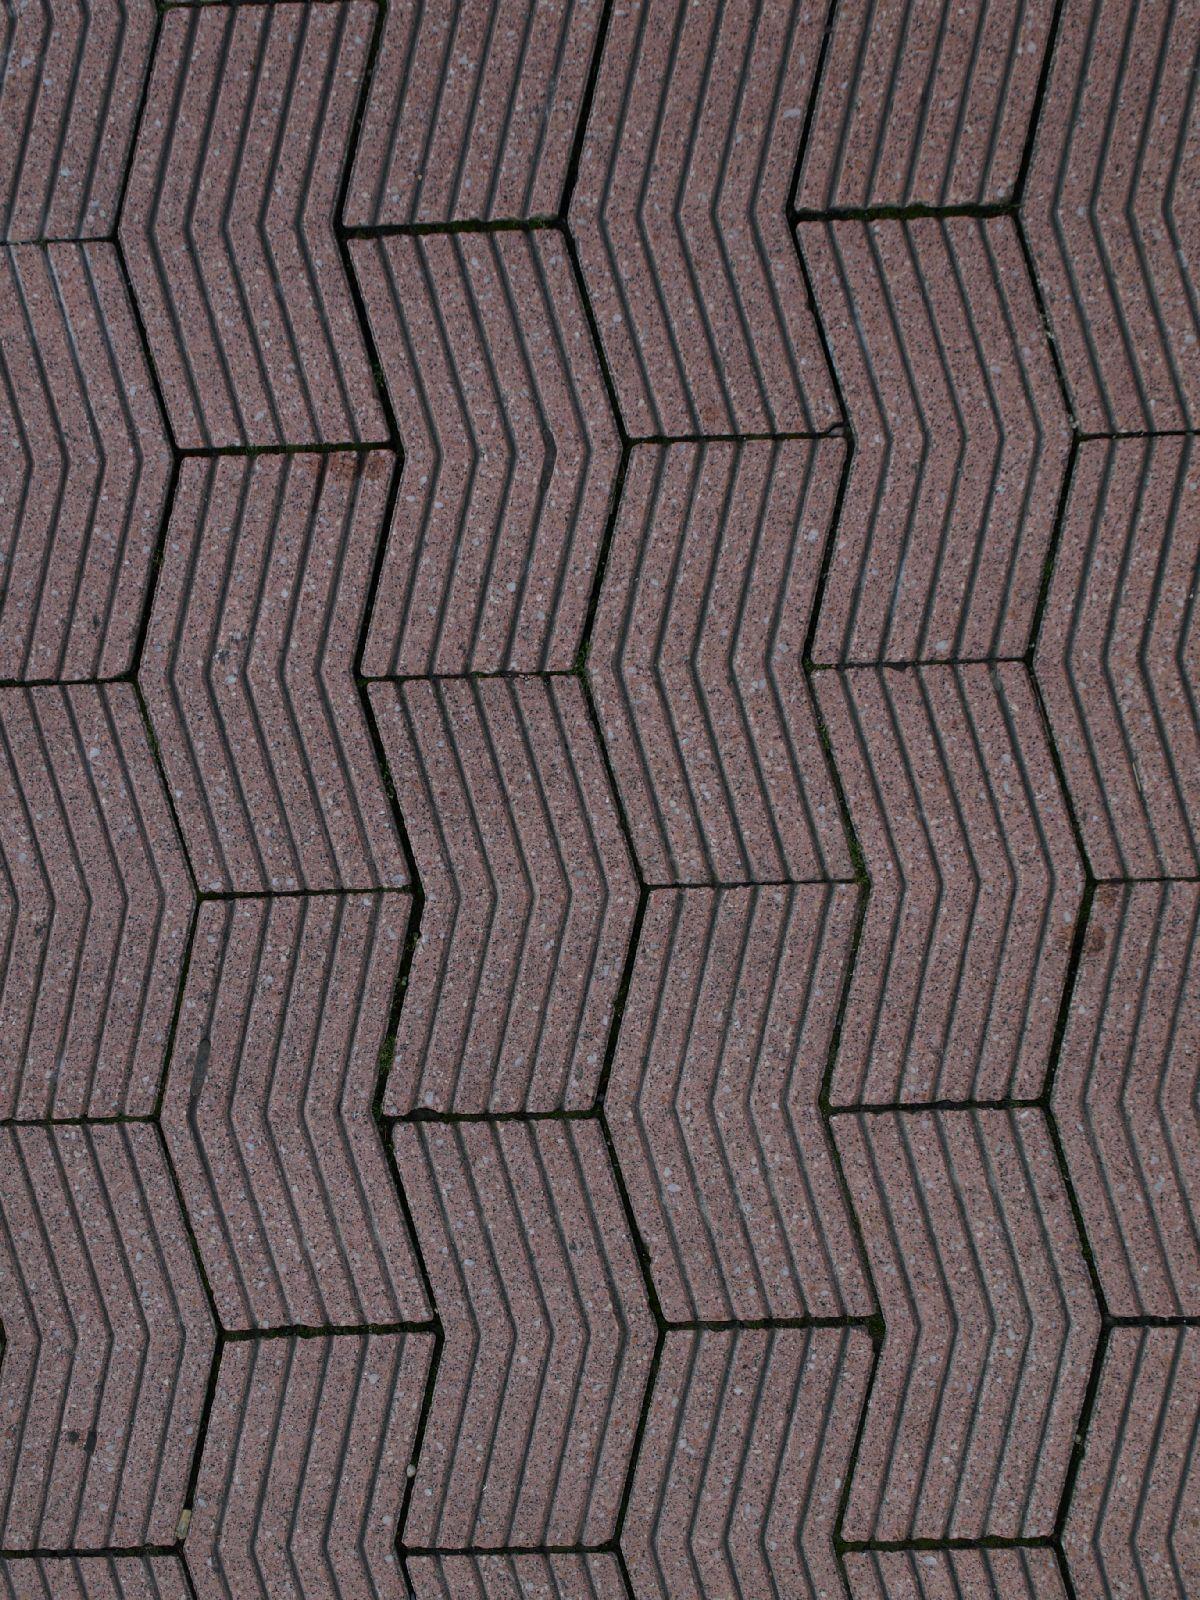 Boden-Gehweg-Strasse-Buergersteig-Textur_A_P6223572